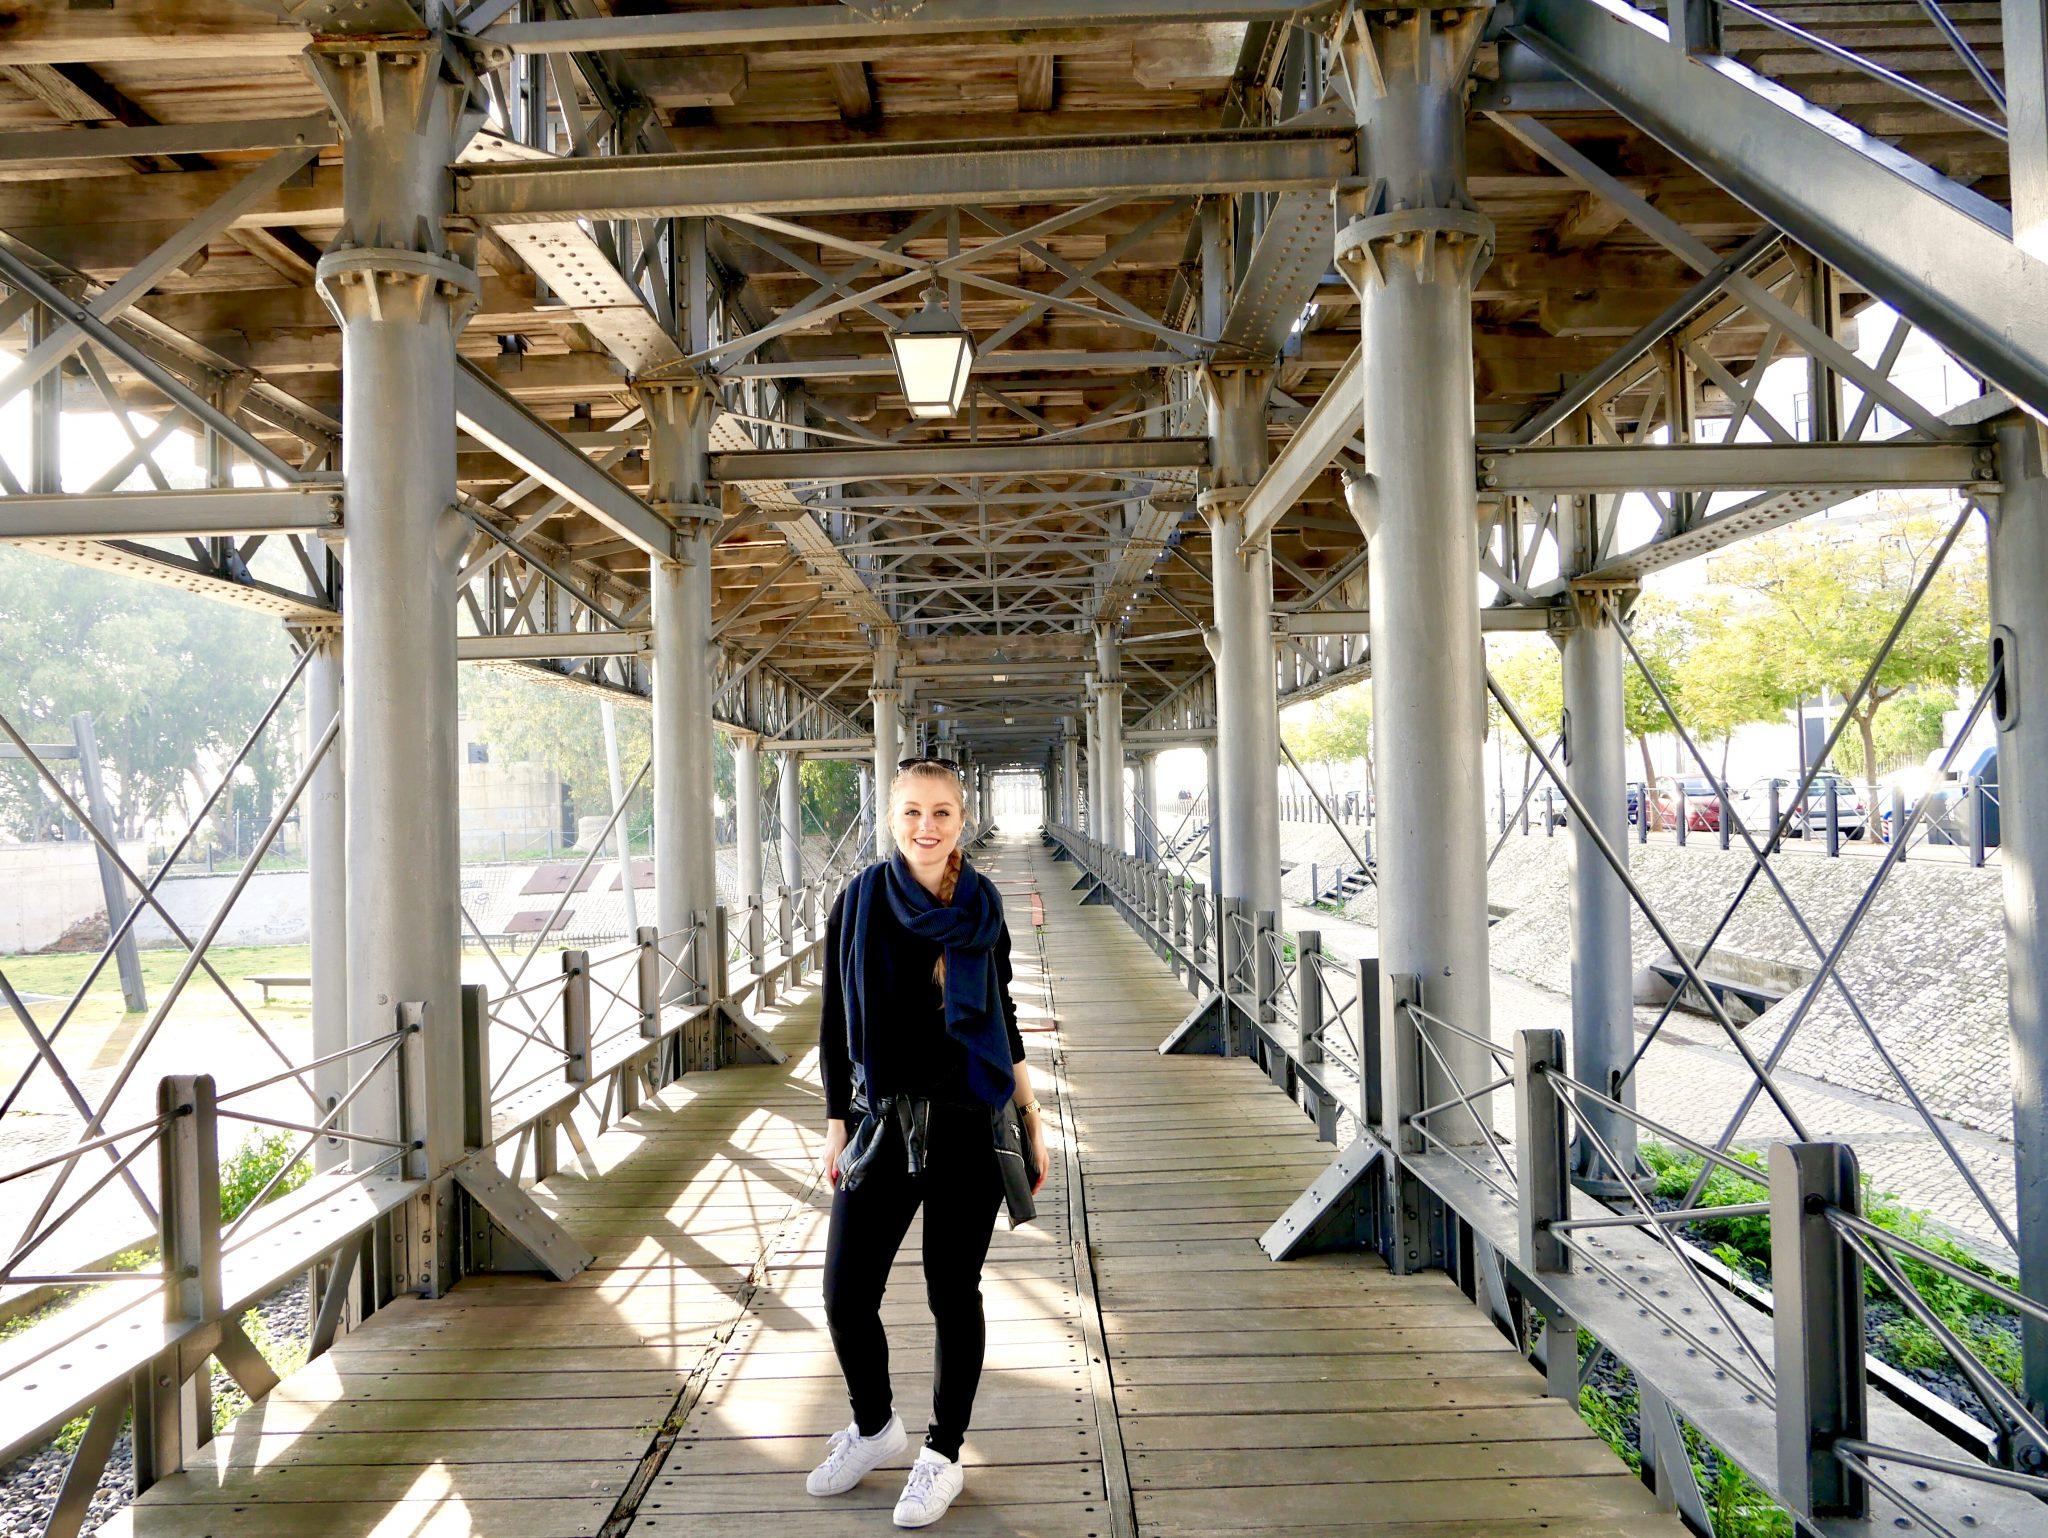 """Muelle de mineral de la compañía Riotinto in Huelva: Bereits """"an Land"""" gibt es eine Brücke, die mich sehr an einen Bahnhof erinnert hat. Falls ihr mir auf Instagram folgt, solltet ihr dieses Bild schon gesehen haben. :)"""